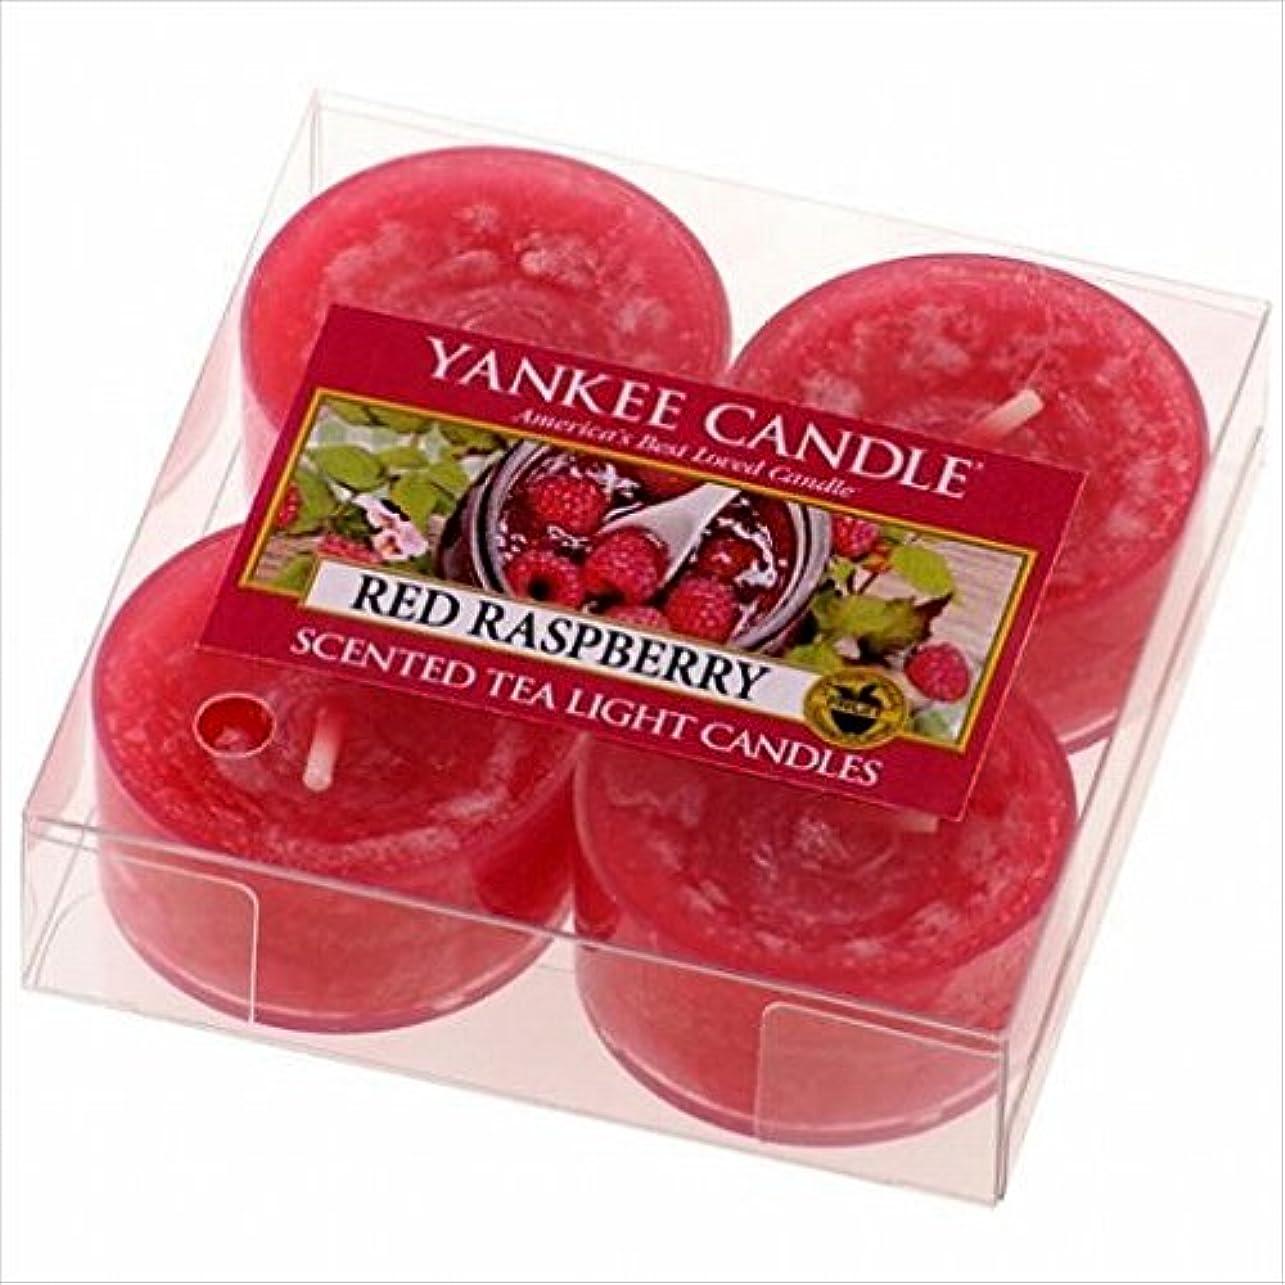 システム崇拝しますジェームズダイソンヤンキーキャンドル(YANKEE CANDLE) YANKEE CANDLE クリアカップティーライト4個入り 「 レッドラズベリー 」